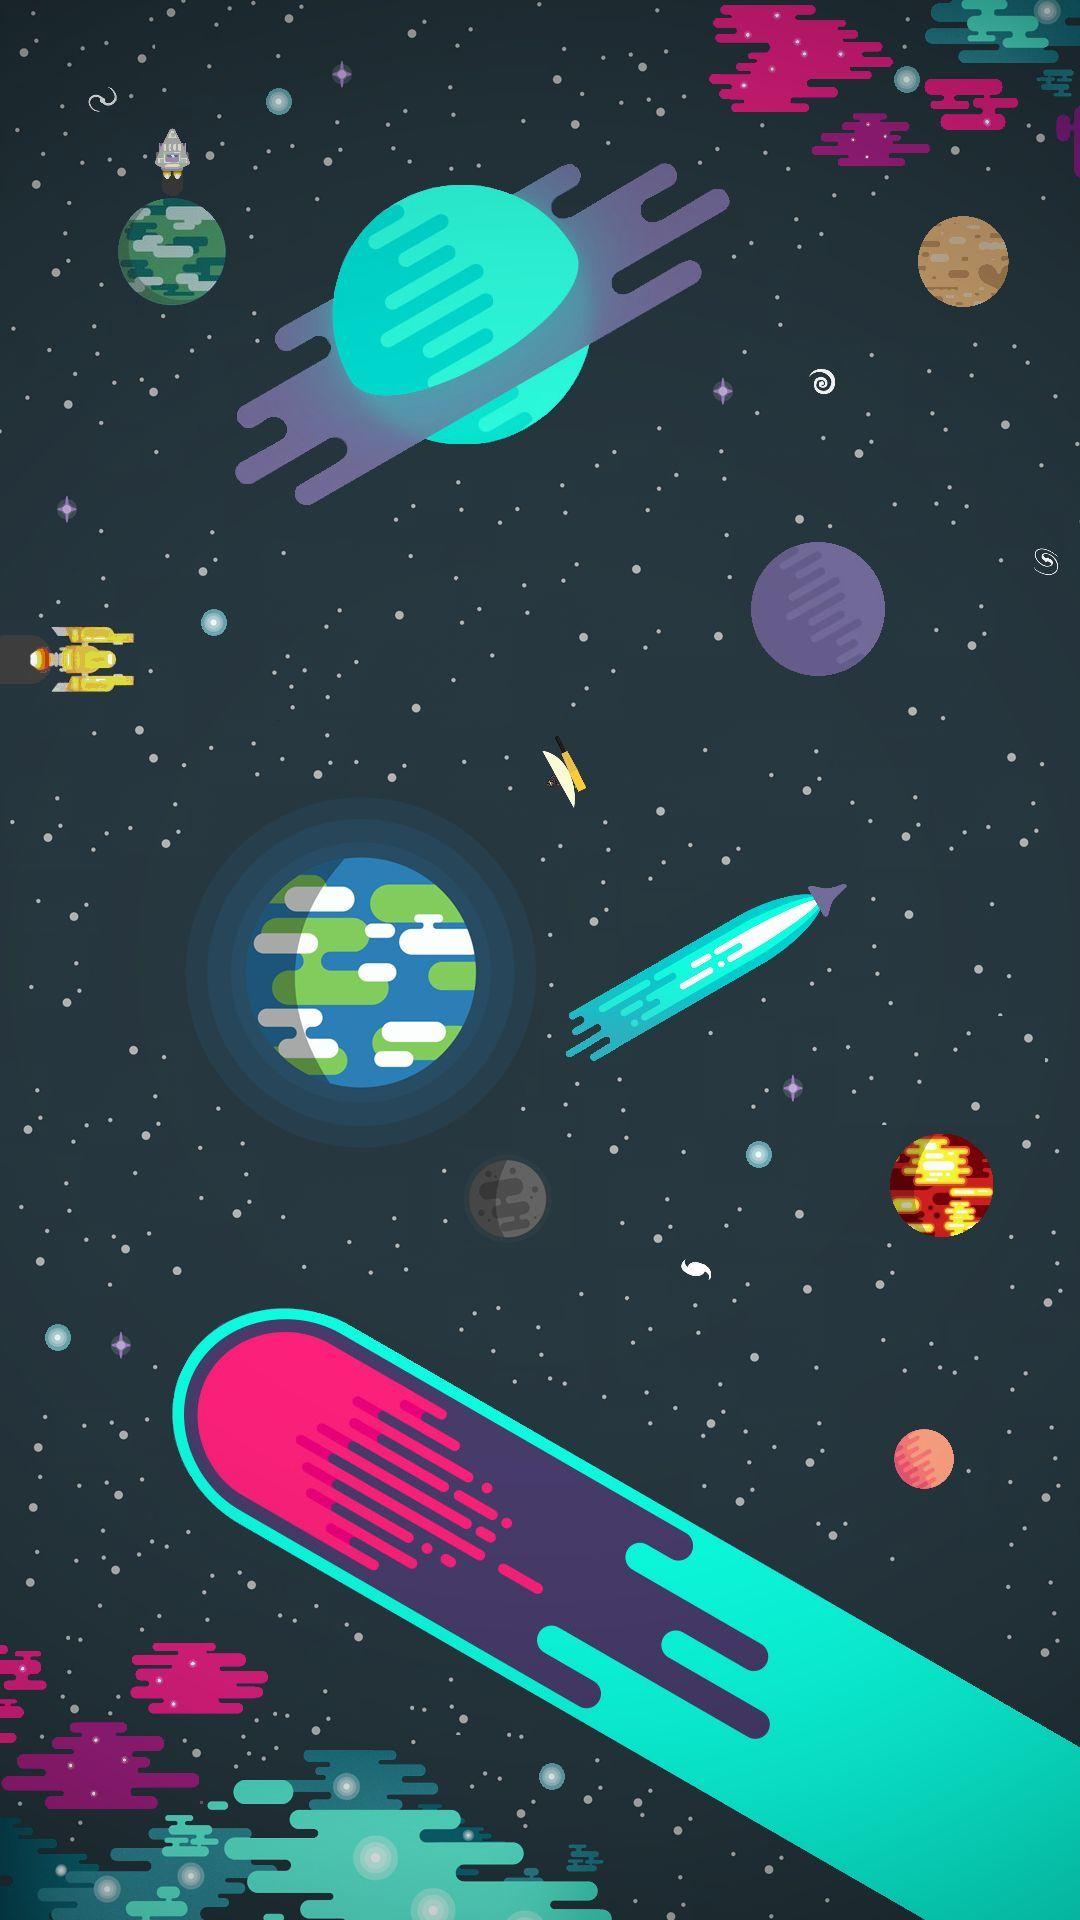 宇宙のイラスト 宇宙 イラスト 壁紙 スマホ壁紙